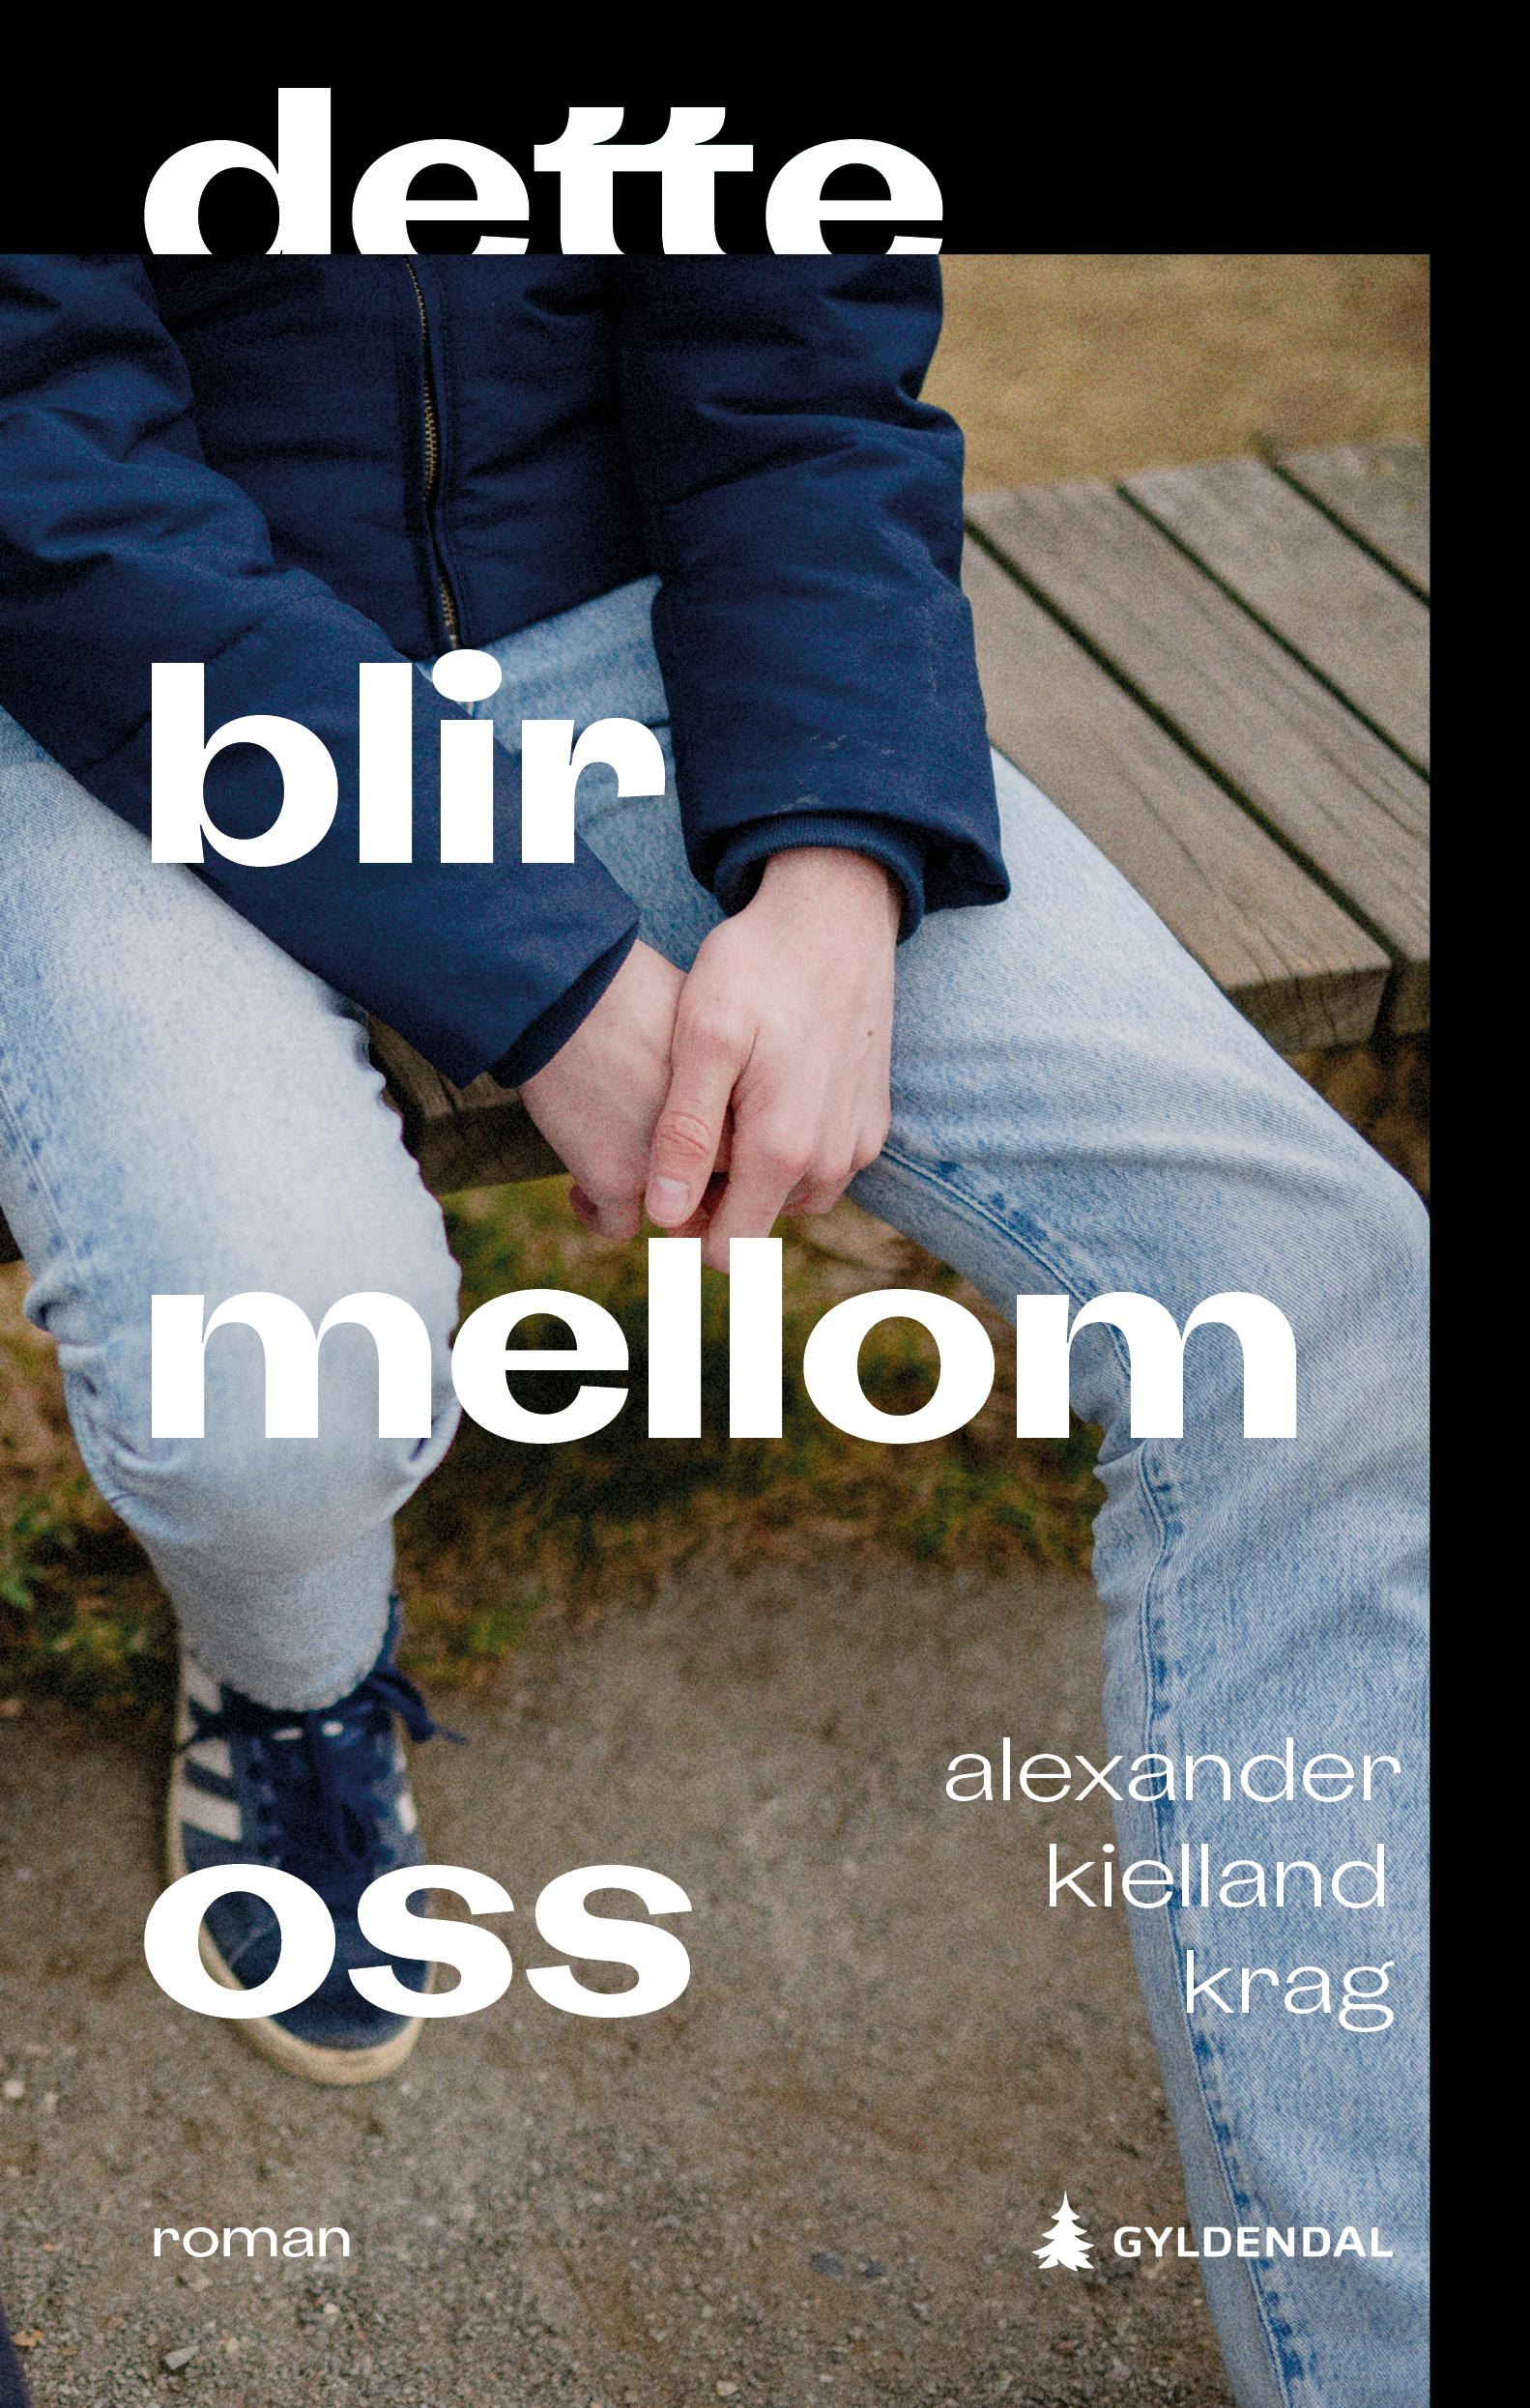 """""""Dette blir mellom oss - roman"""" av Alexander Kielland Krag"""